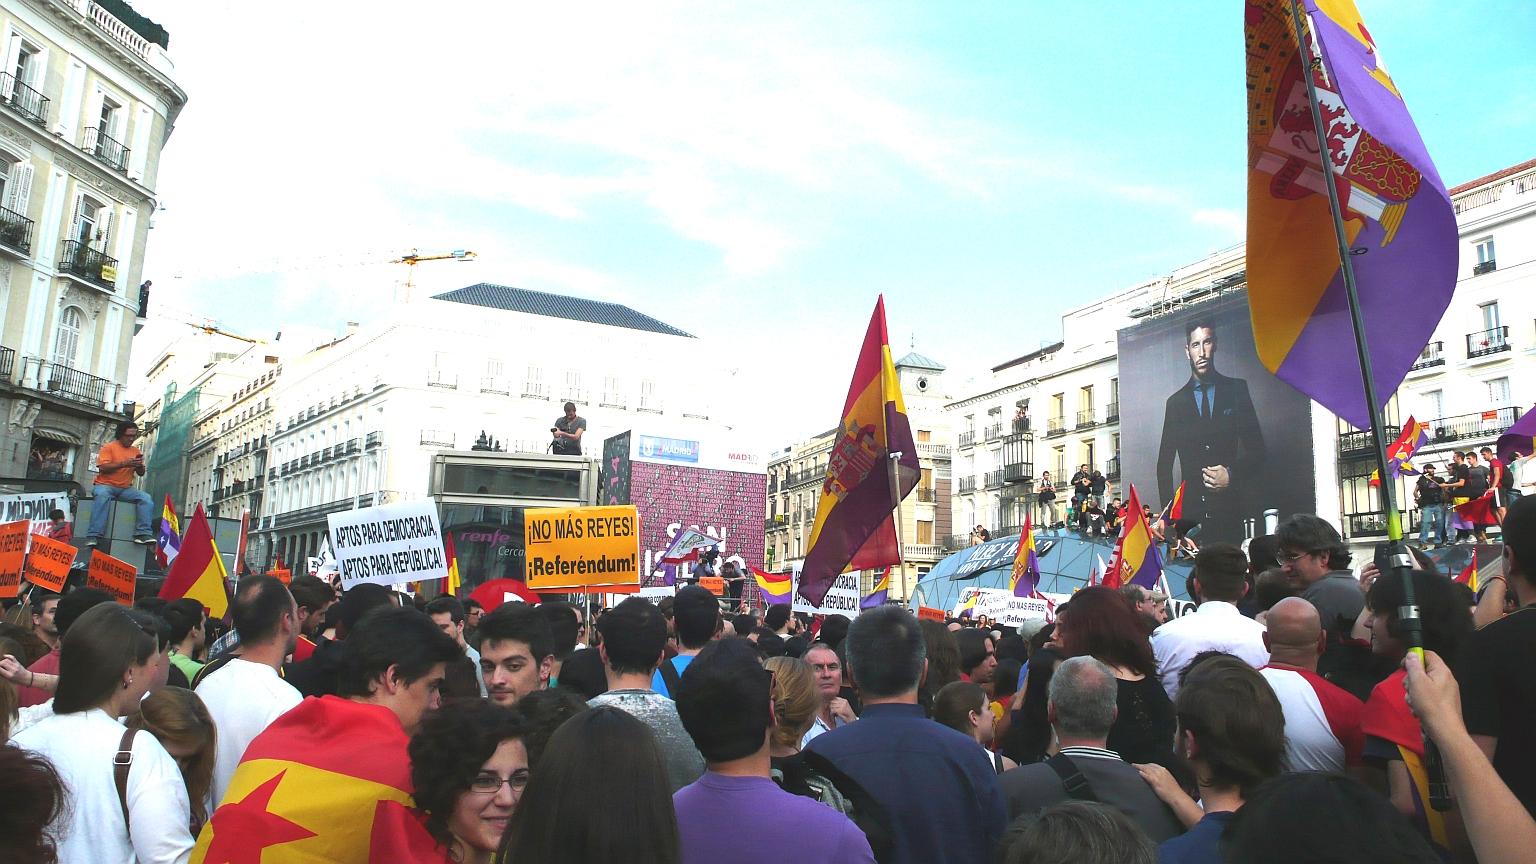 Puerta_del_Sol_Multitude_2014_06_02_1_C